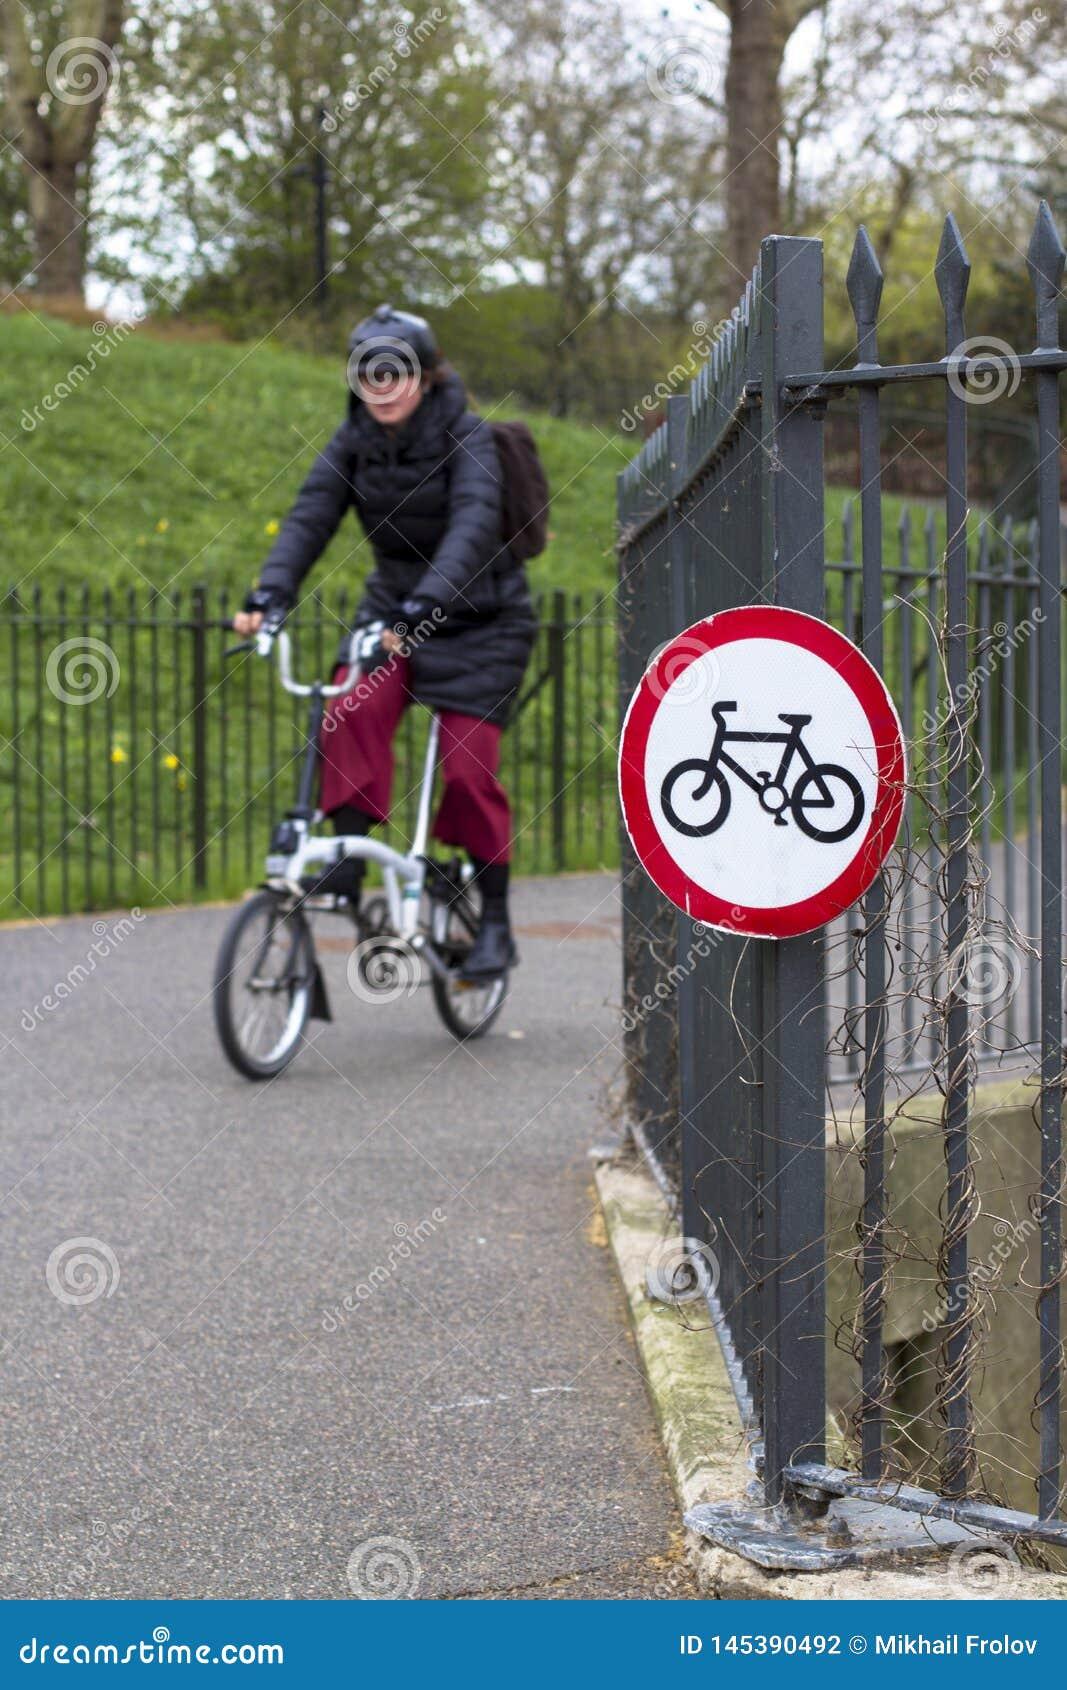 Londres, Gr? Bretanha 12 de abril de 2019 Parque de Battersea Norte da movimenta??o de transporte